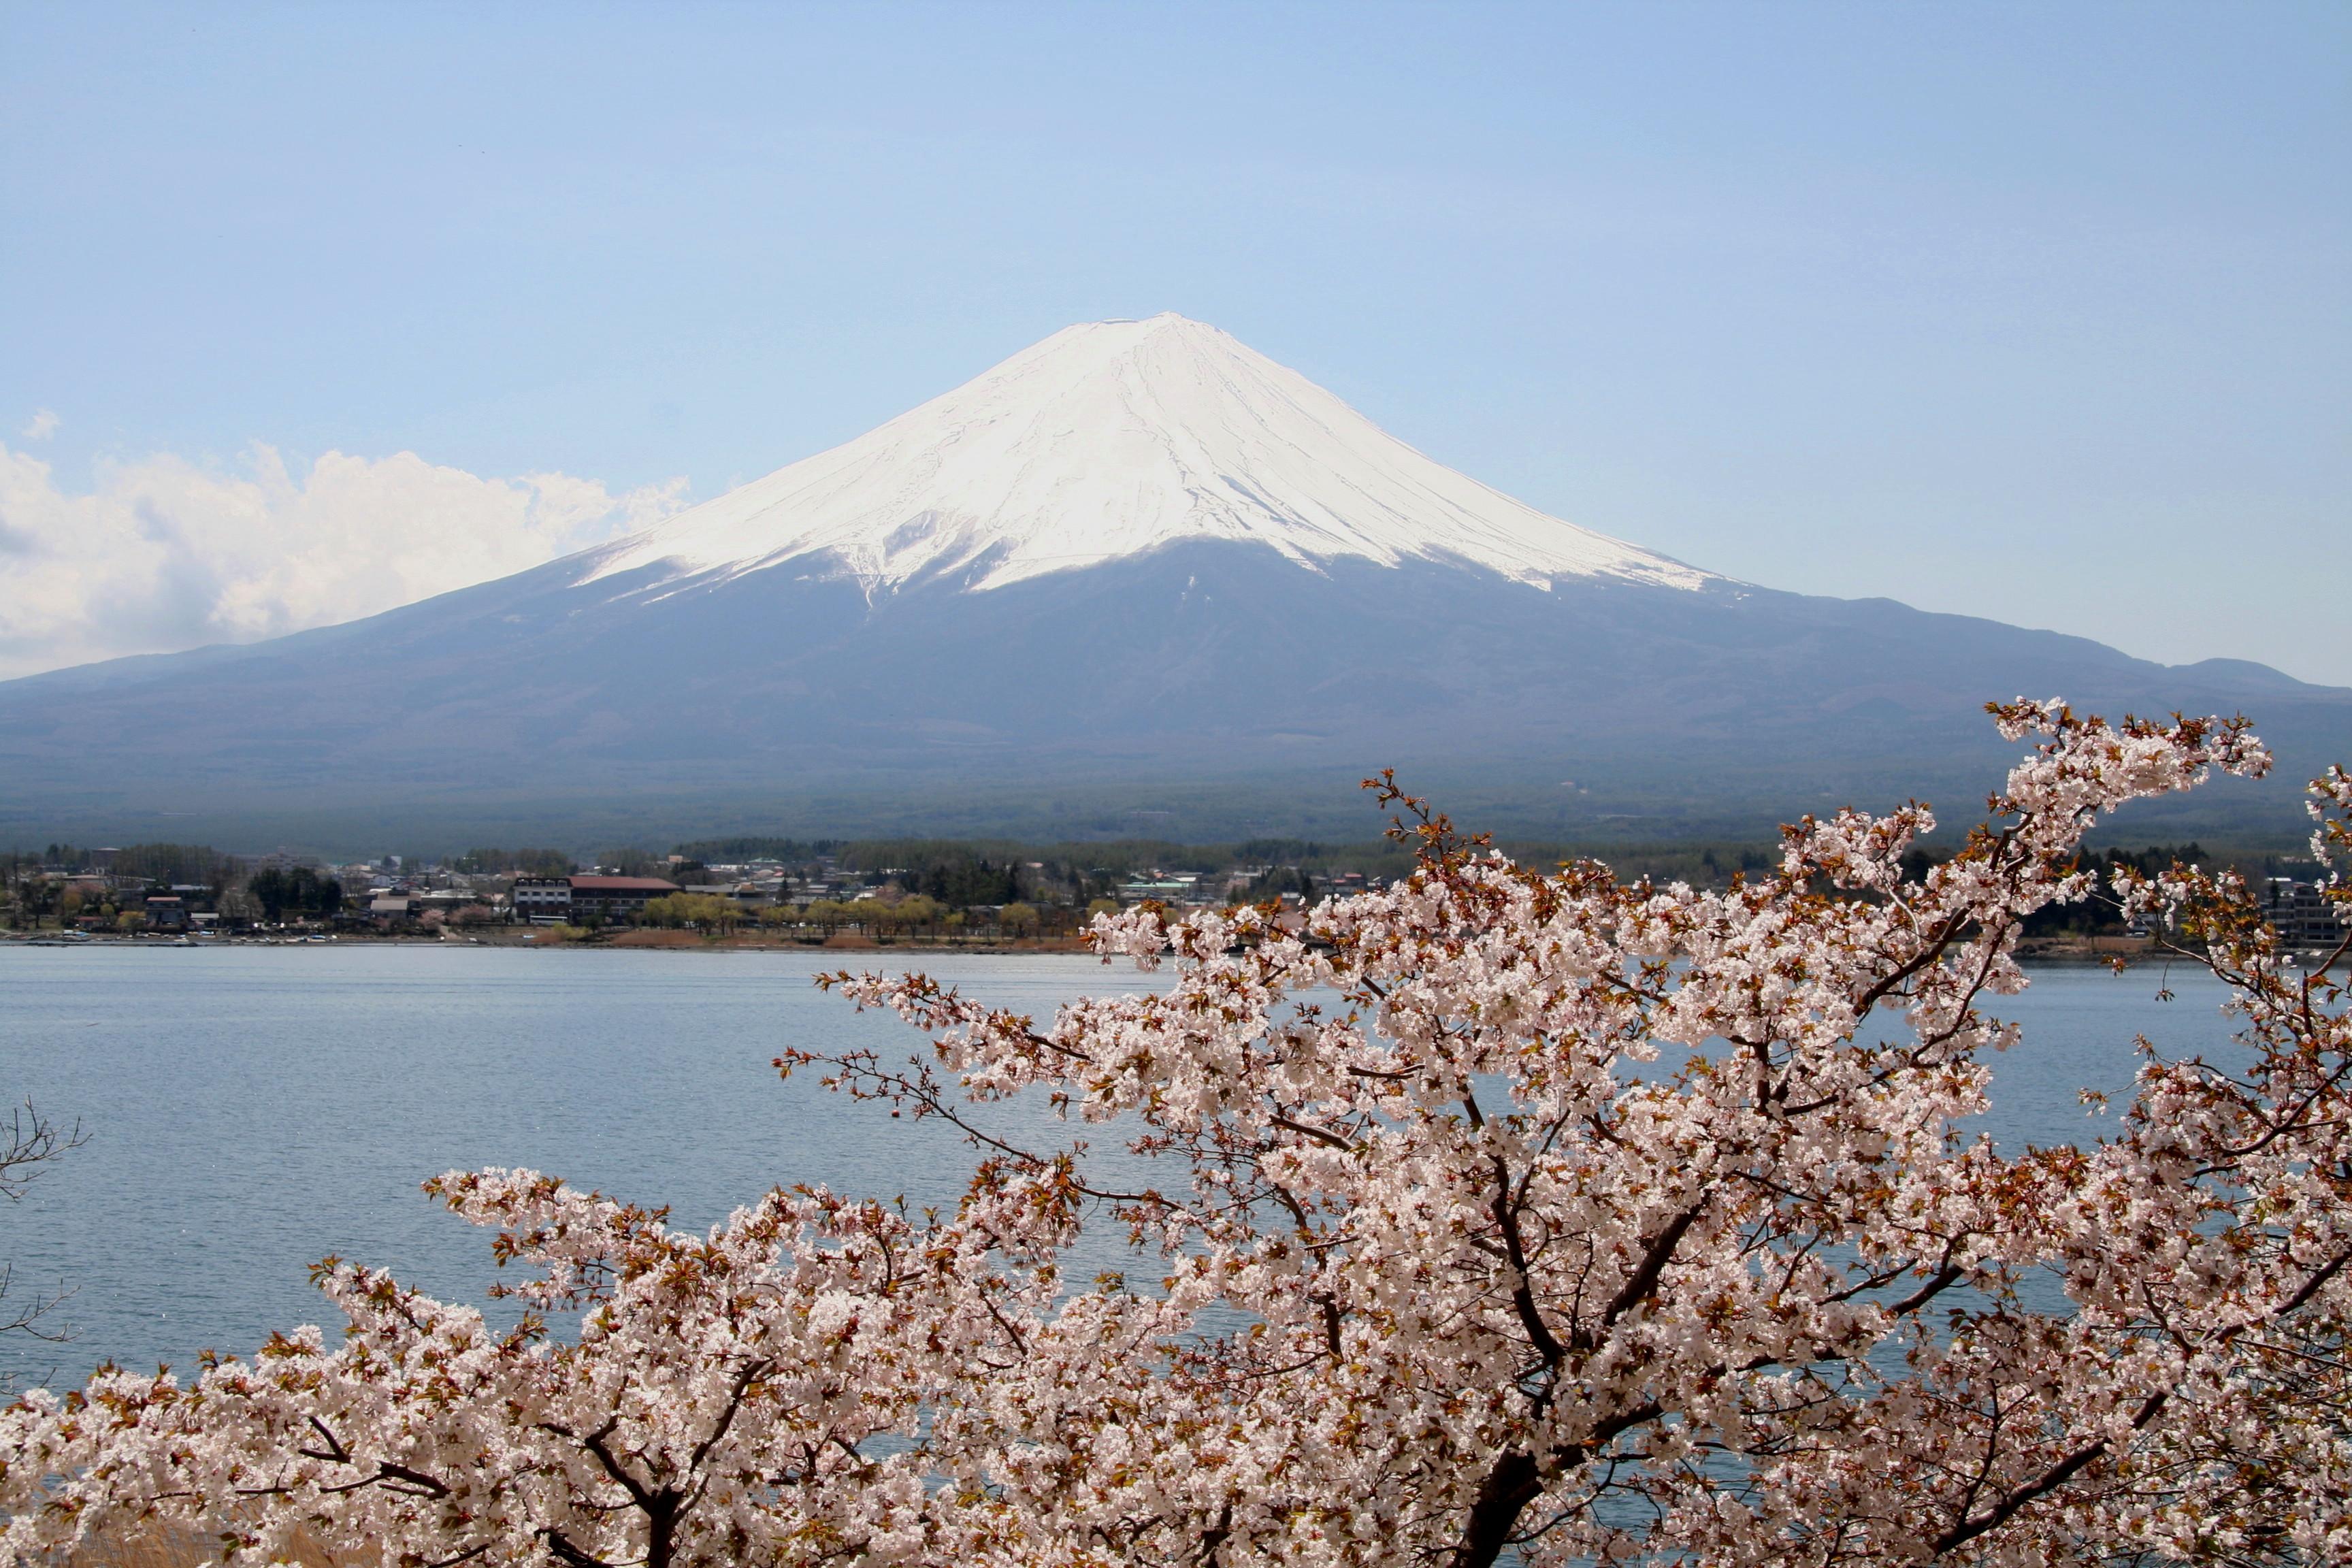 【皇冠日本】常规日本双飞6日跟团游<两晚五星温泉酒店,大阪进东京出  A47>